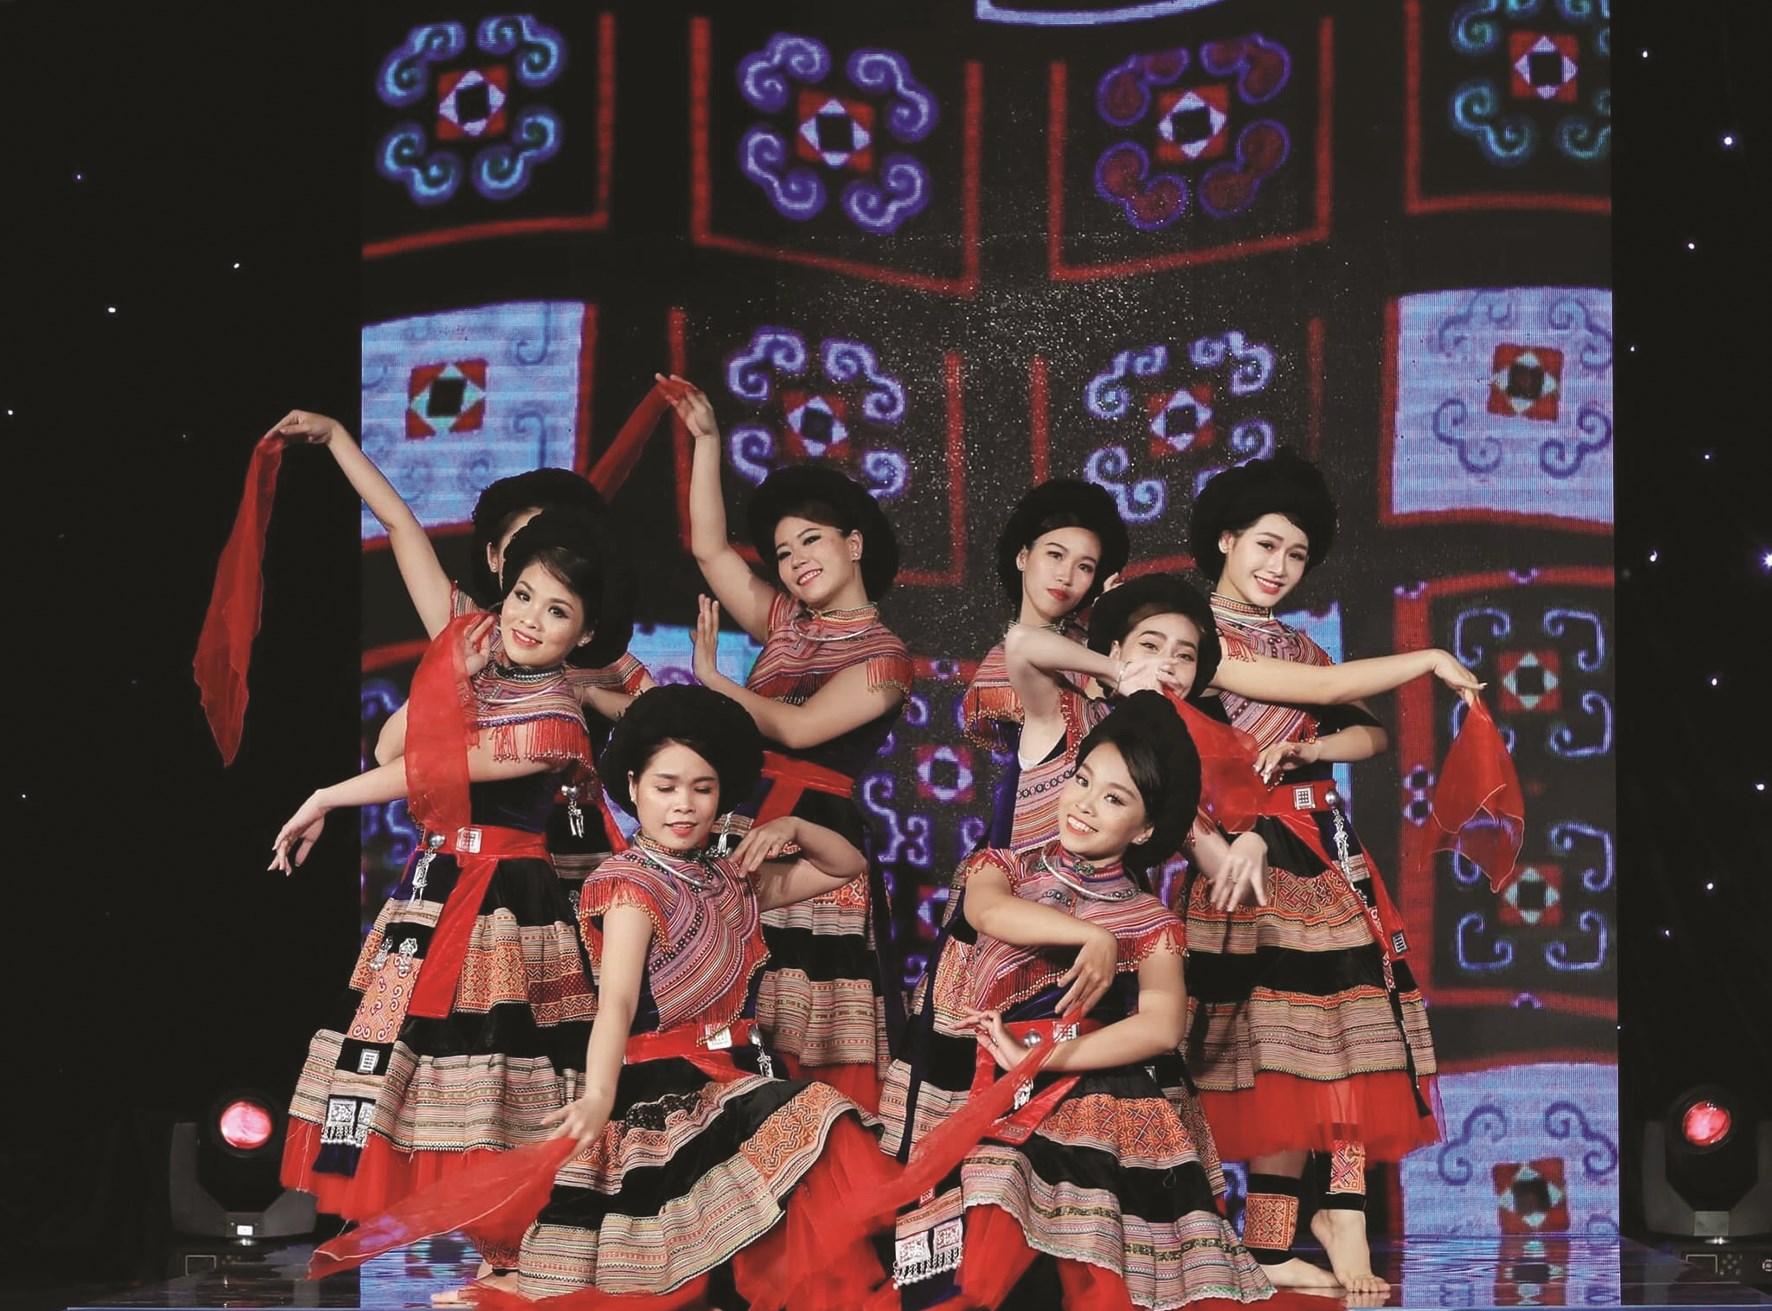 Một tiết mục múa được đạo diễn Lê Việt biên đạo với chất liệu dân tộc Mông.